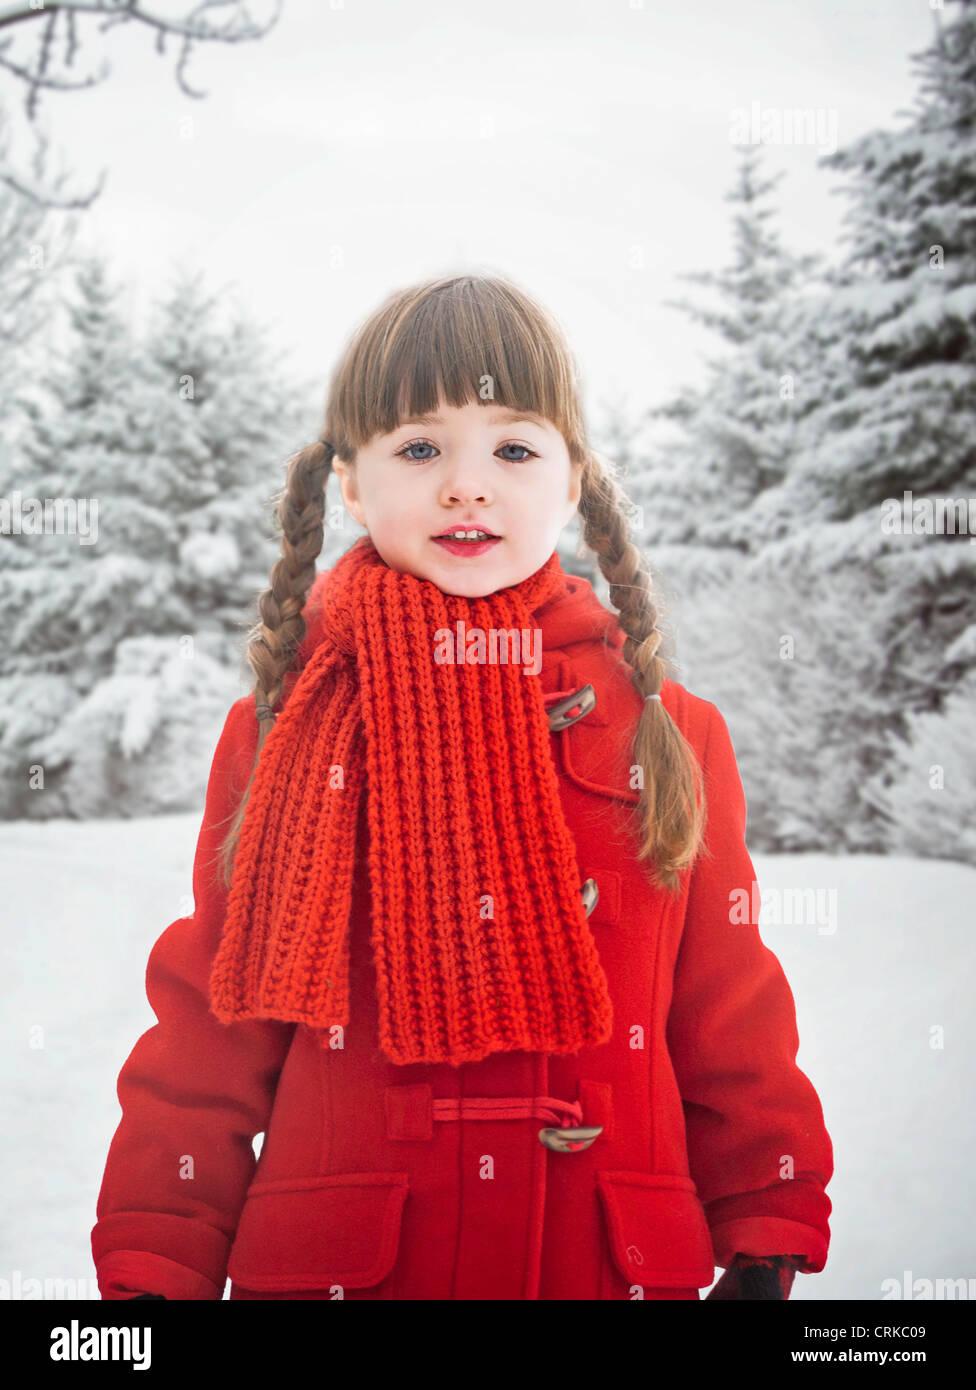 Ragazza sorridente in piedi nella neve Immagini Stock